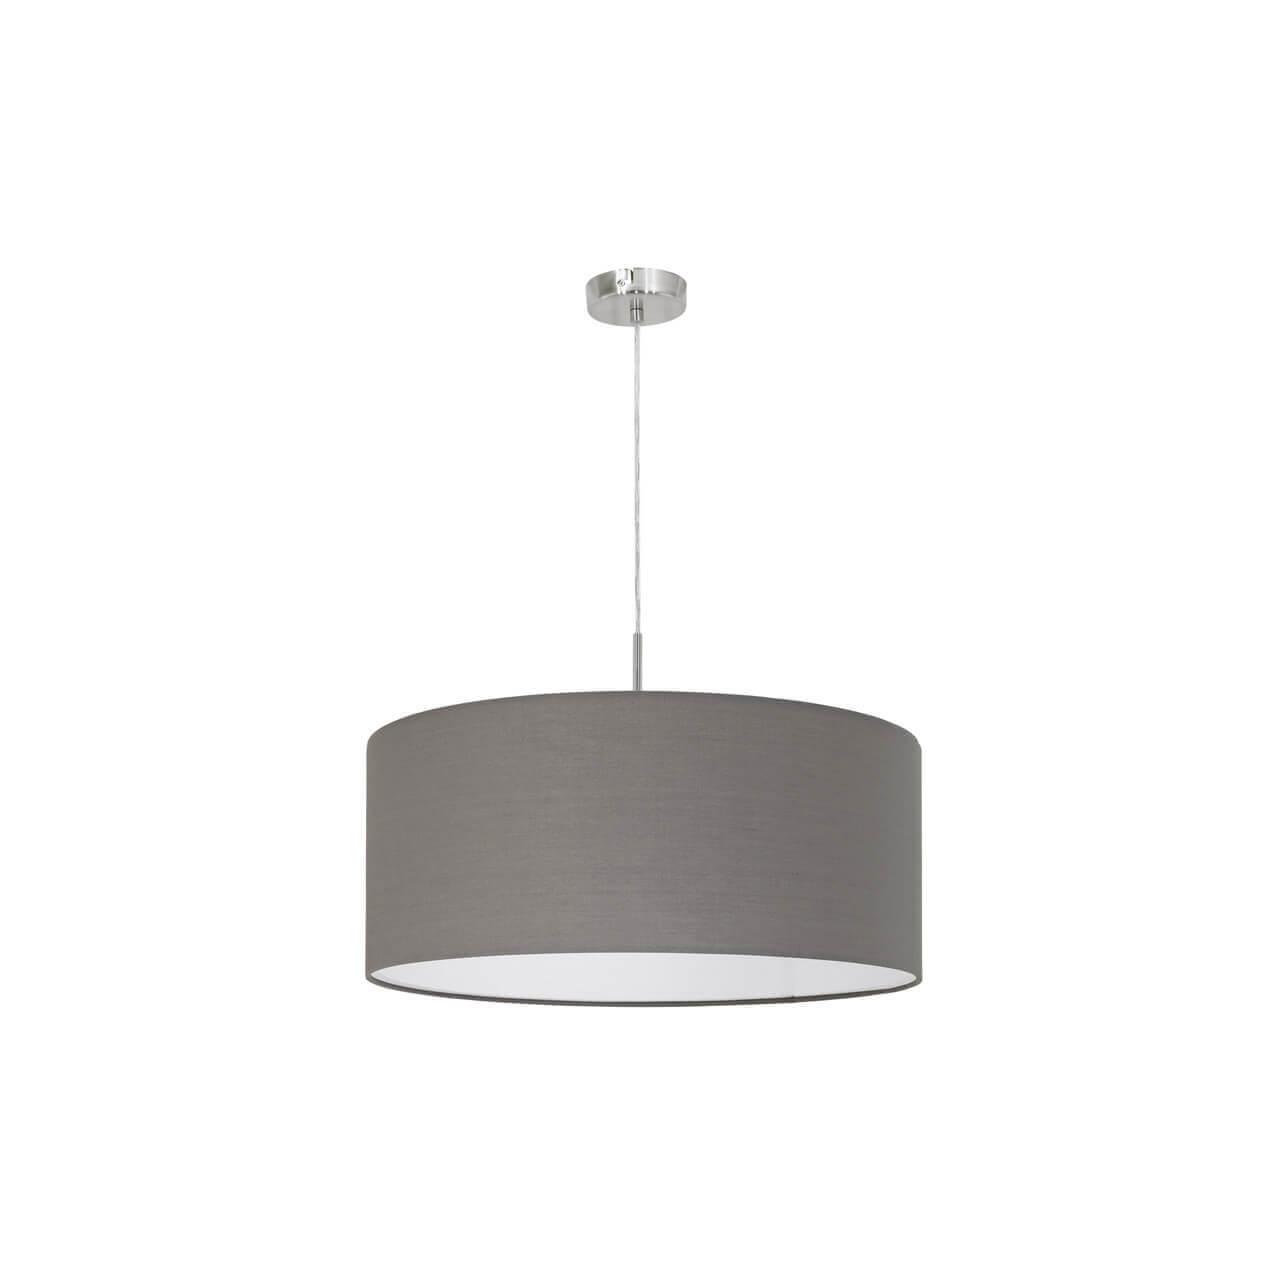 Светильник Eglo 31578 Pasteri подвесной светильник pasteri 31571